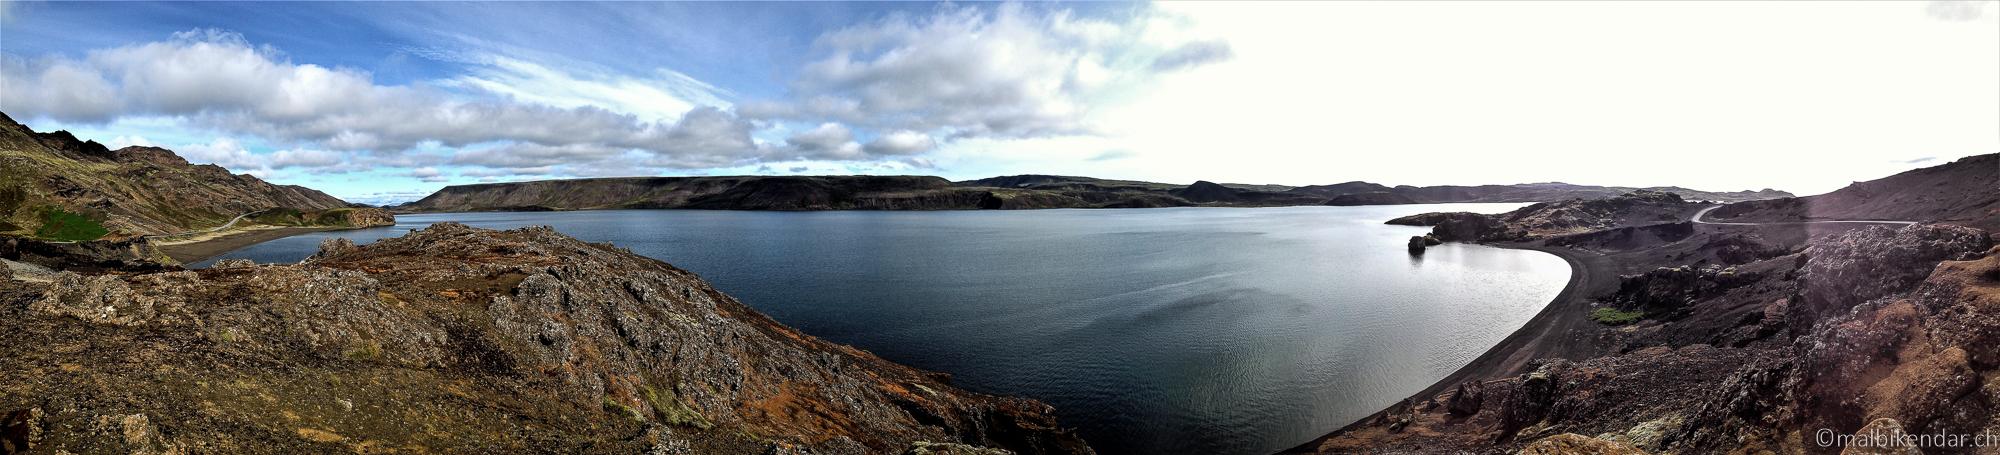 A vélo en Islande, lac de Kleifarvatn - la piste est maintenant presque entièrement goudronnée